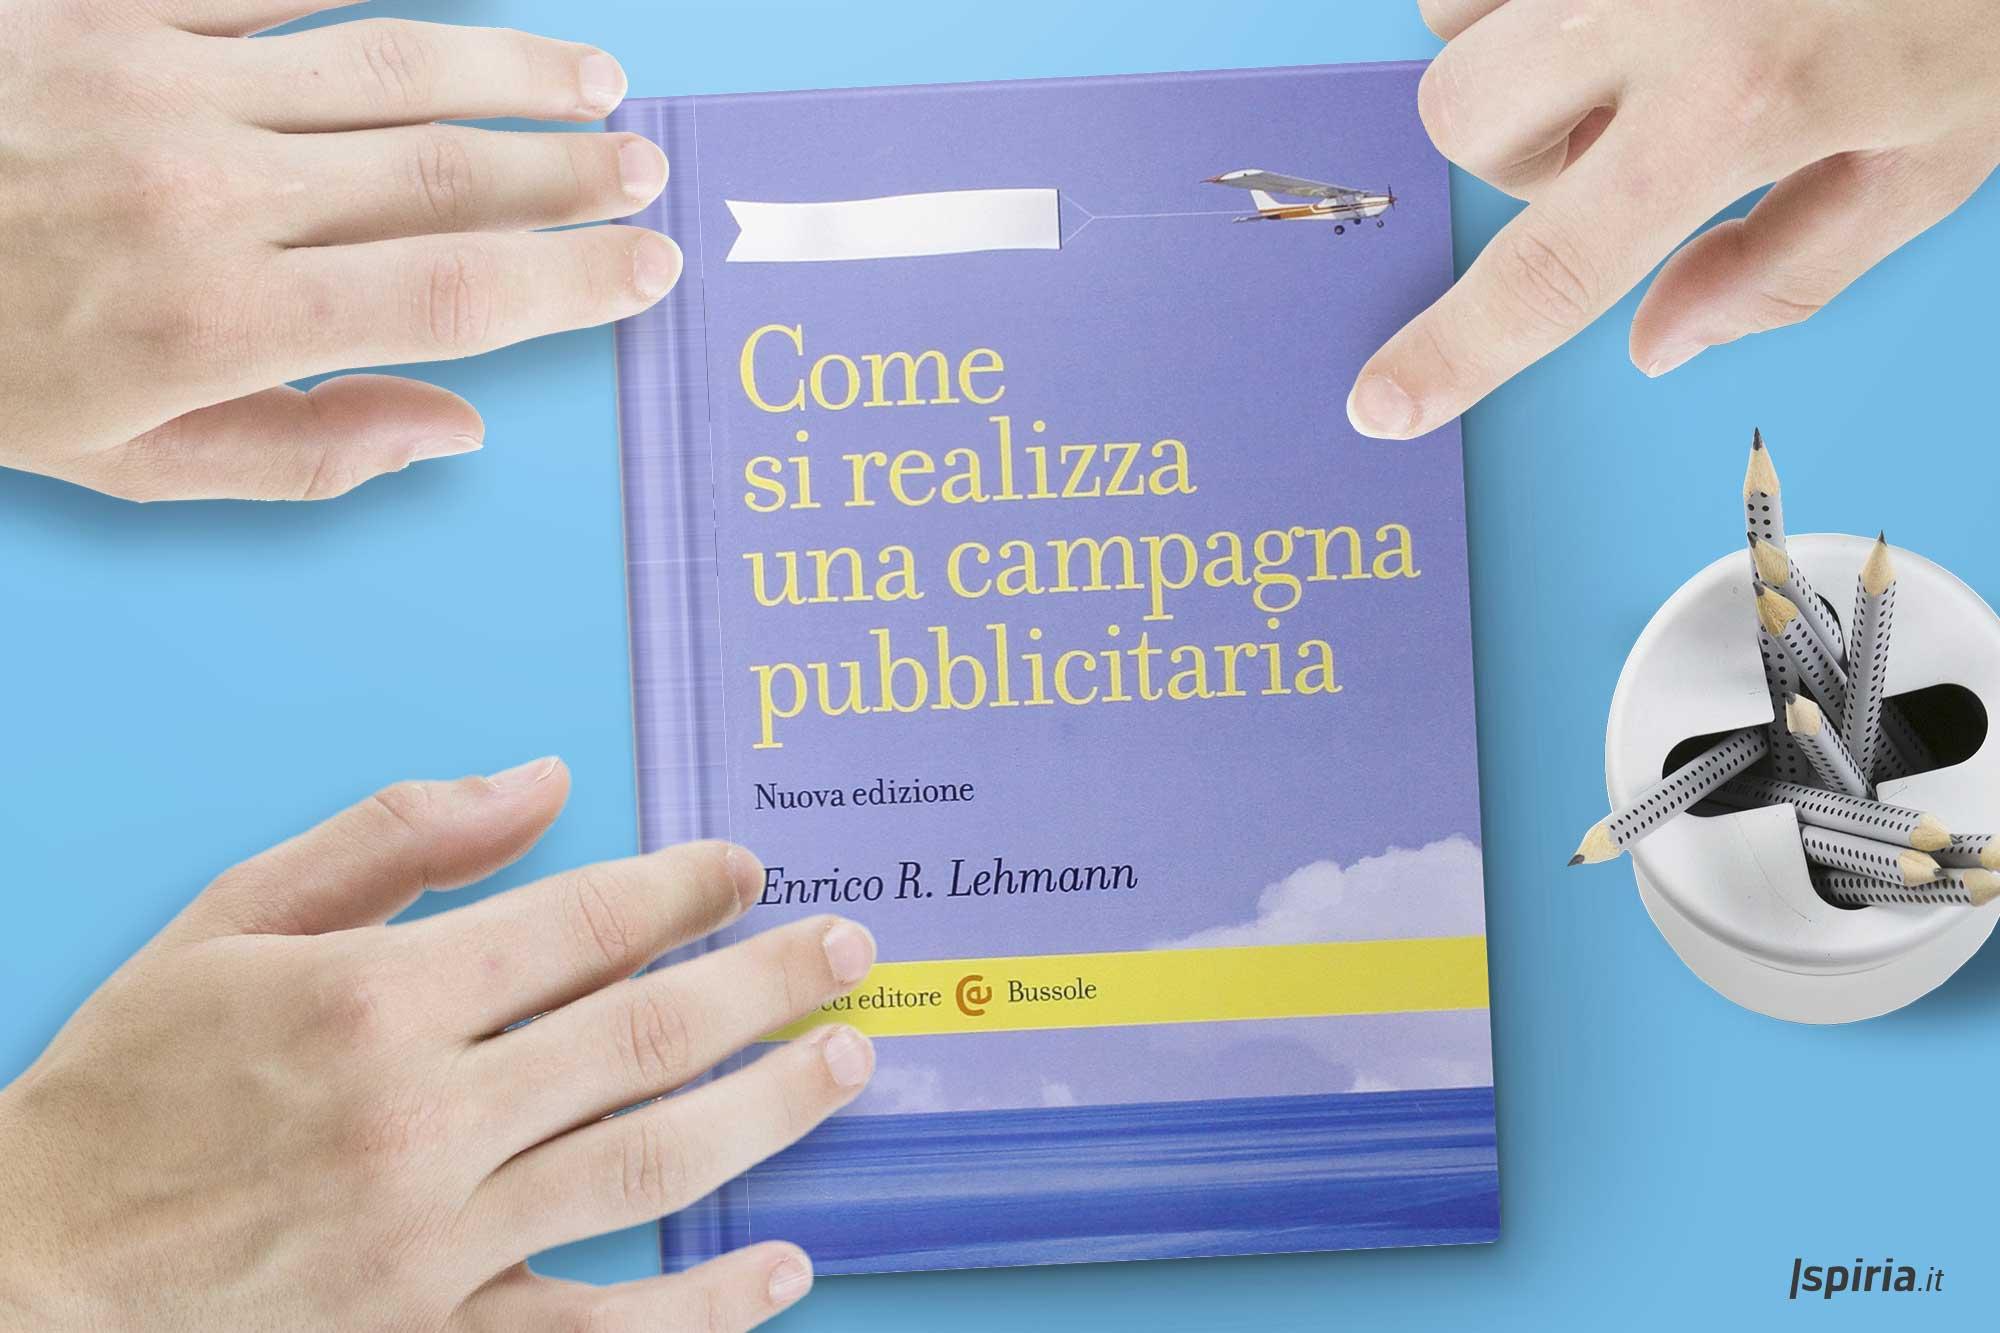 libro-di-pubblicità-come-si-realizza-campagna-pubblicitaria